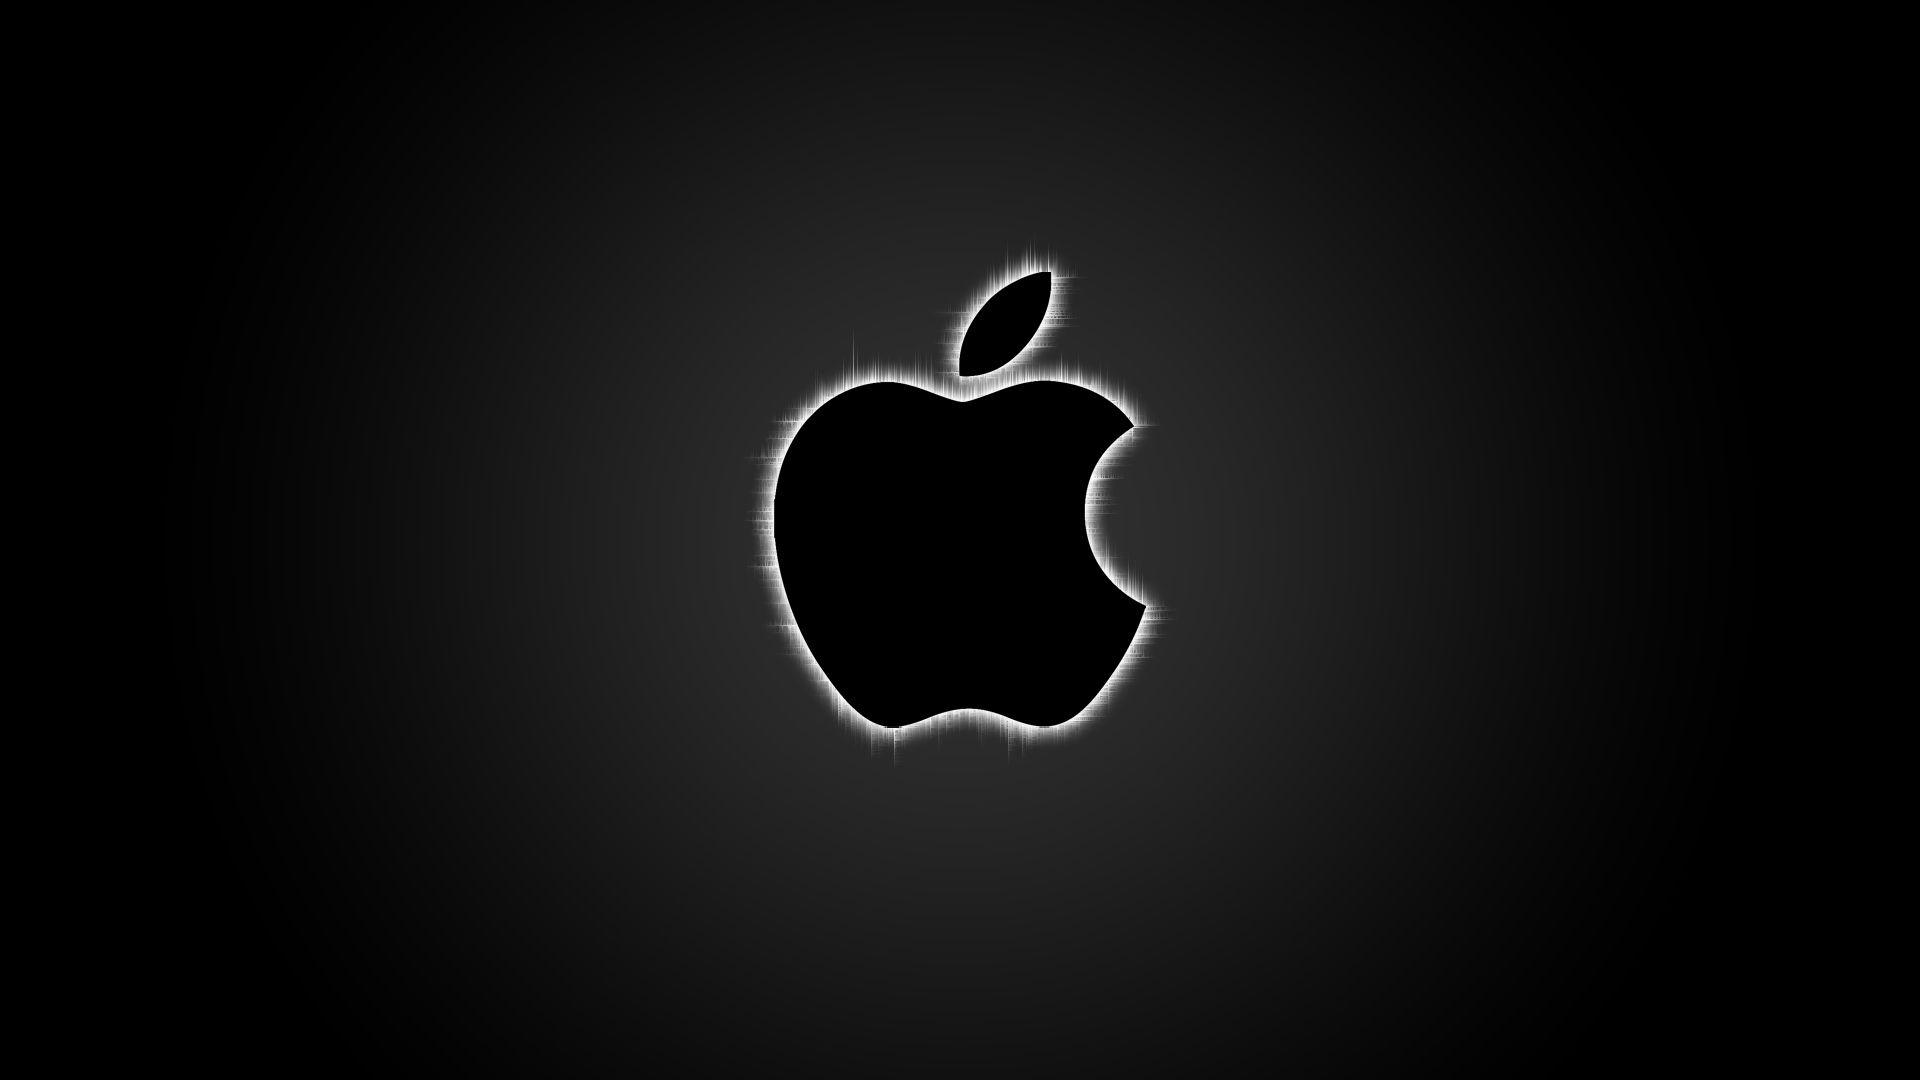 Apple Ipad wallpaper hd